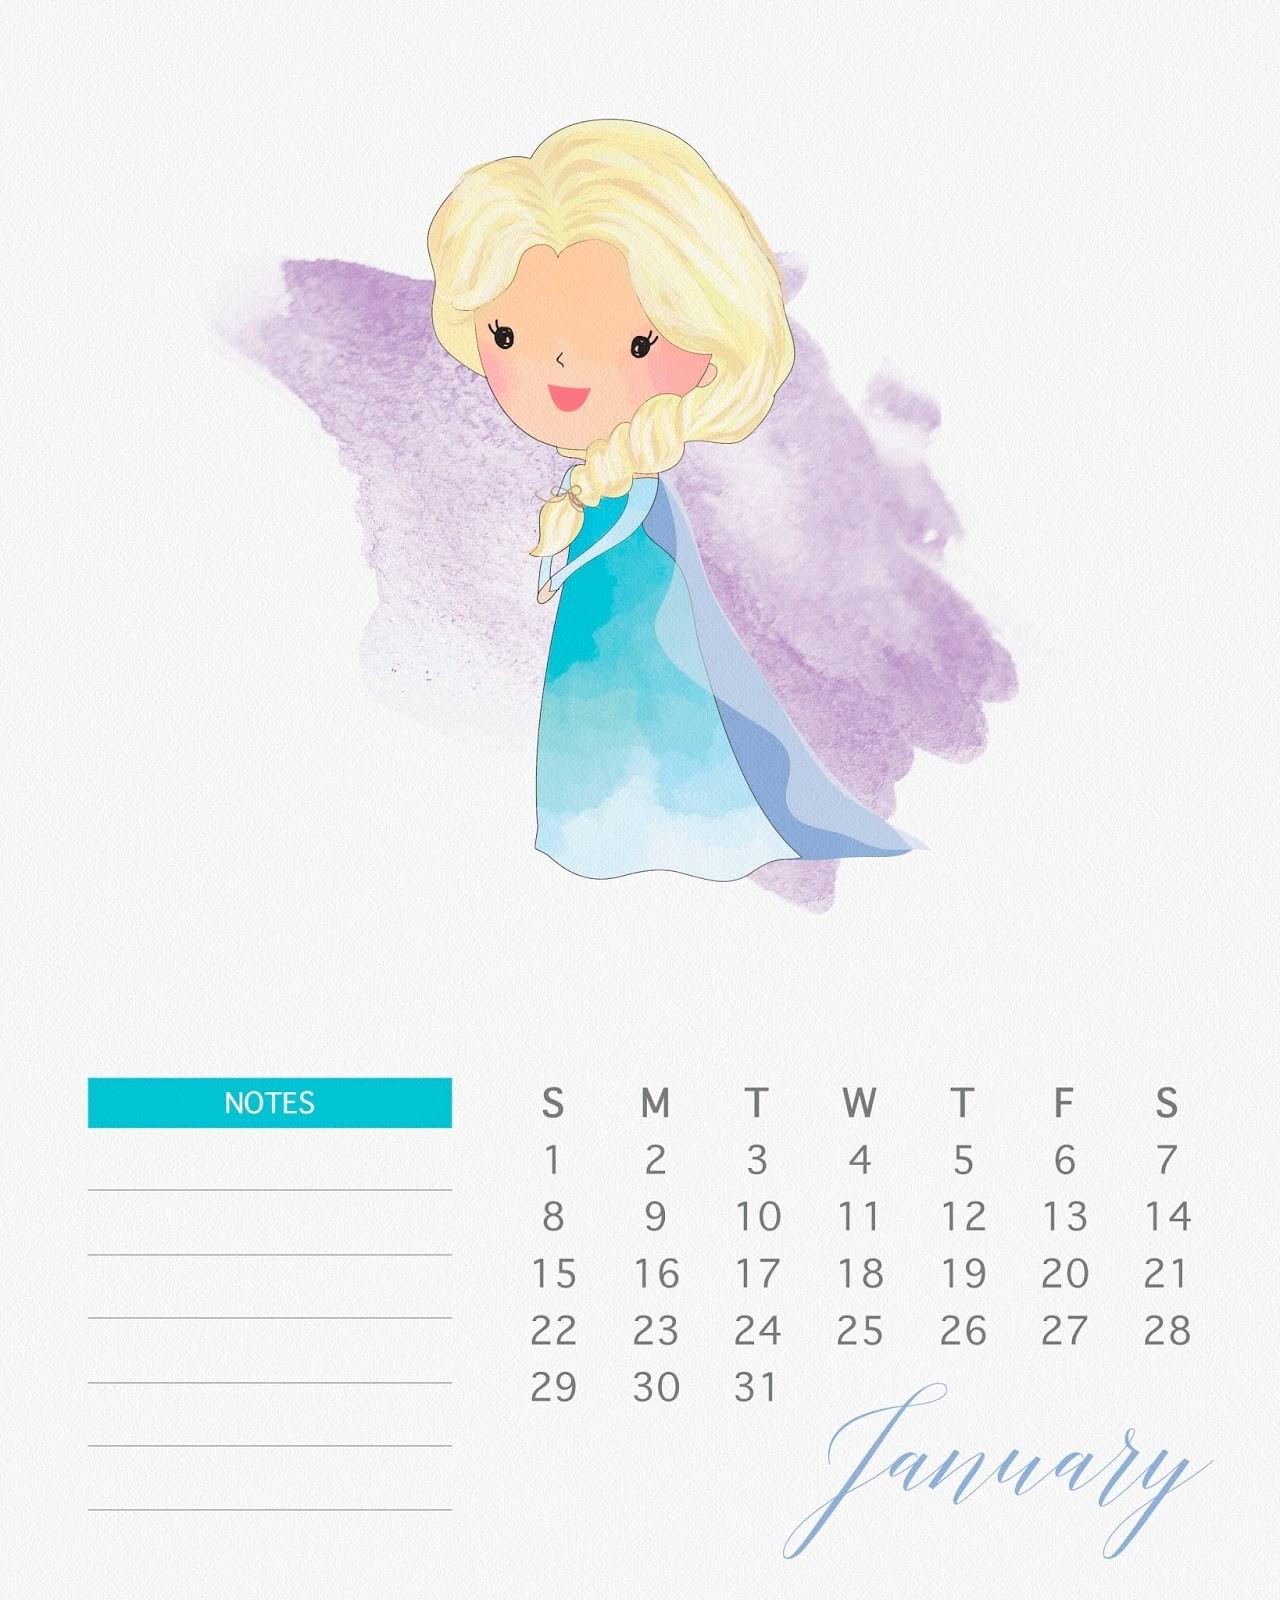 Imprimir Calendario De Google Mejores Y Más Novedosos Calendario Festivos Colombia 2019 Takvim Kalender Hd Of Imprimir Calendario De Google Más Recientes Calendario Festivos Colombia 2019 Takvim Kalender Hd